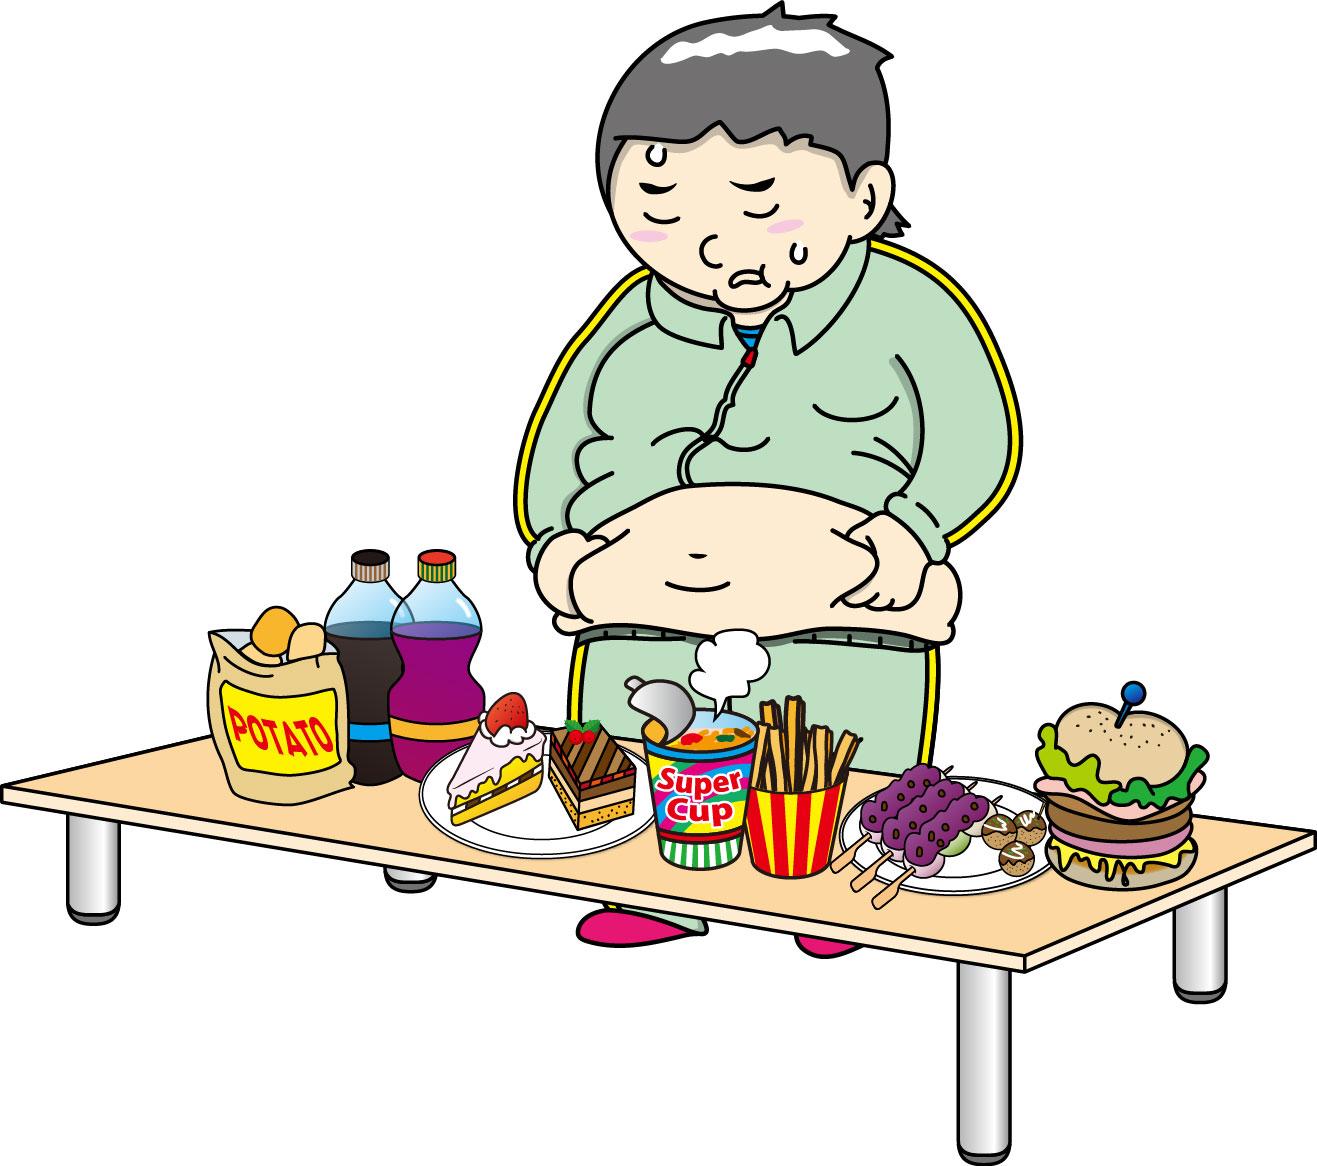 糖質制限で105kgから14kgの体重減に貢献した4つのポイント